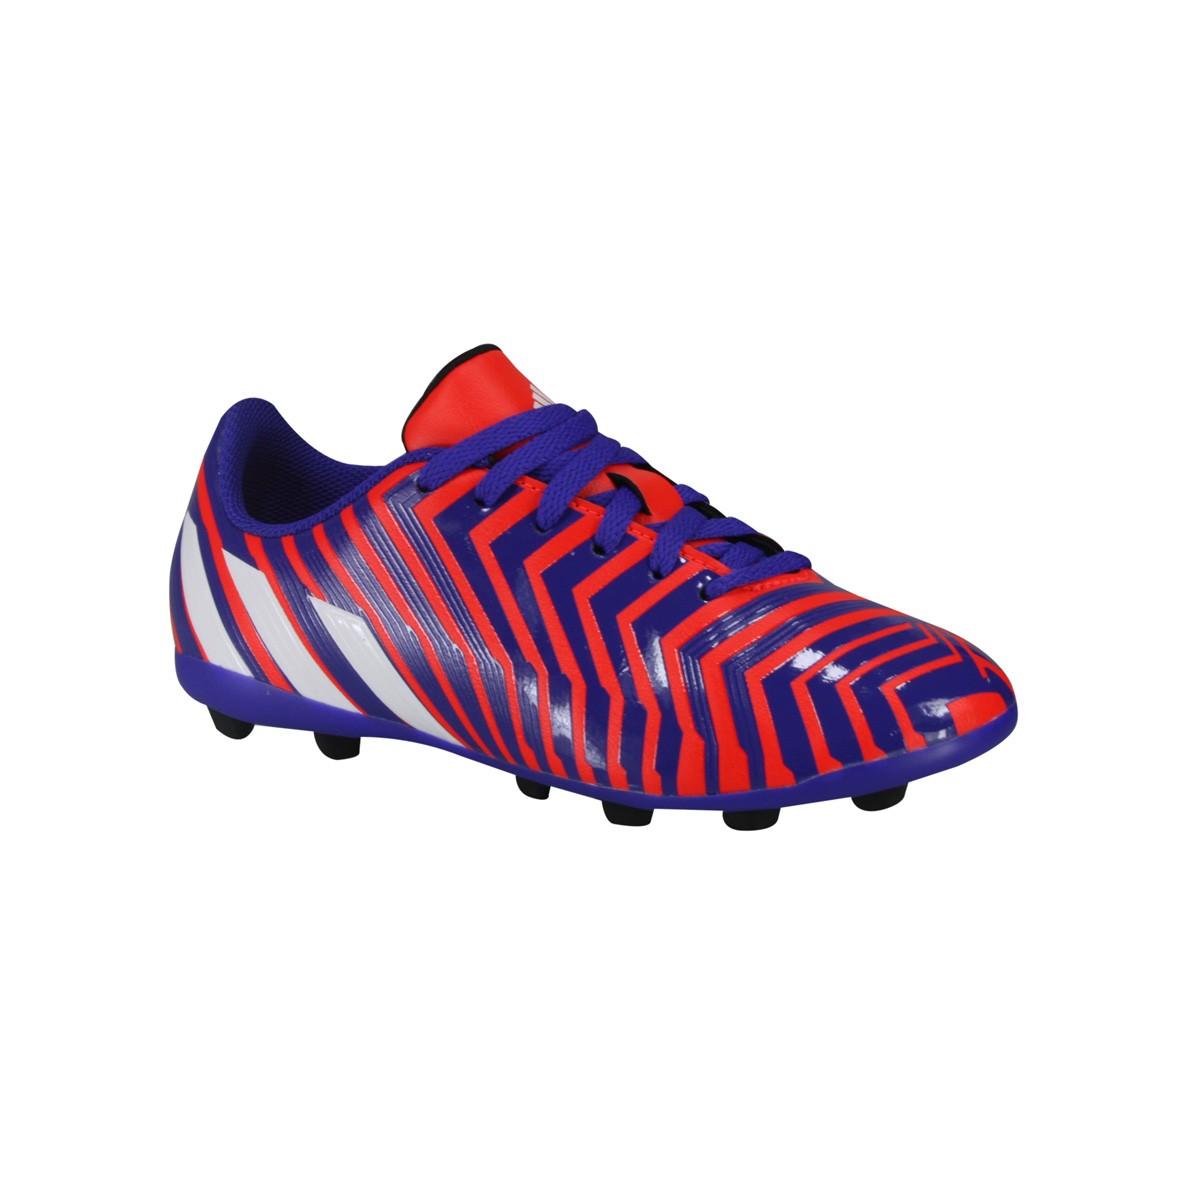 Chuteira Adidas Predito FxG J Infantil B44358 - Laranja Roxo - Botas ... 671621a3e537c